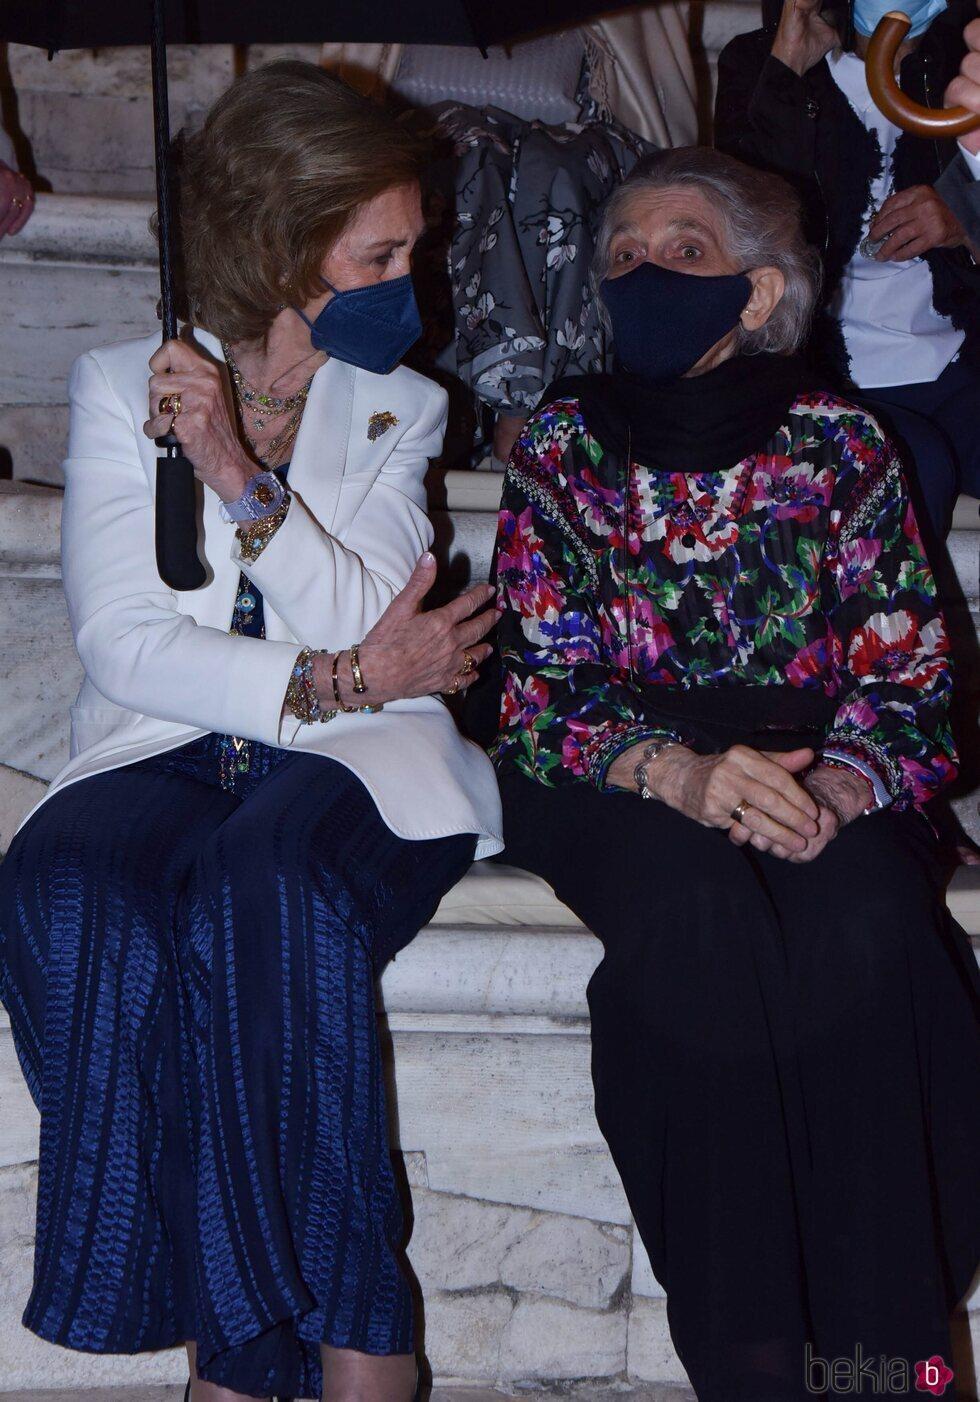 La Reina Sofía e Irene de Grecia en un concierto en Atenas